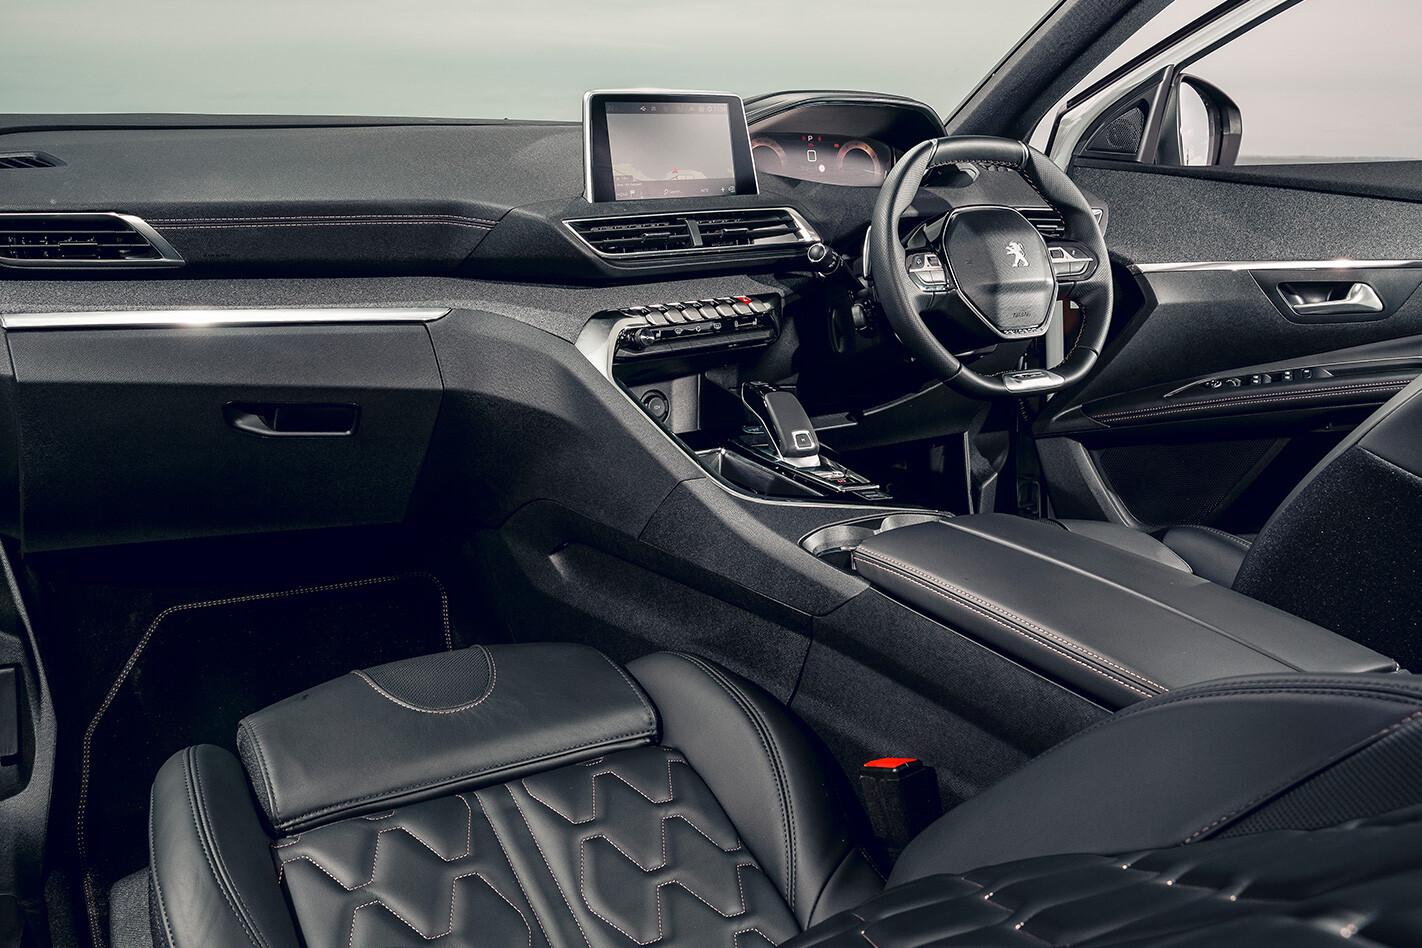 Skoda Mazda Peugeot Comparison Skoda Interior Jpg